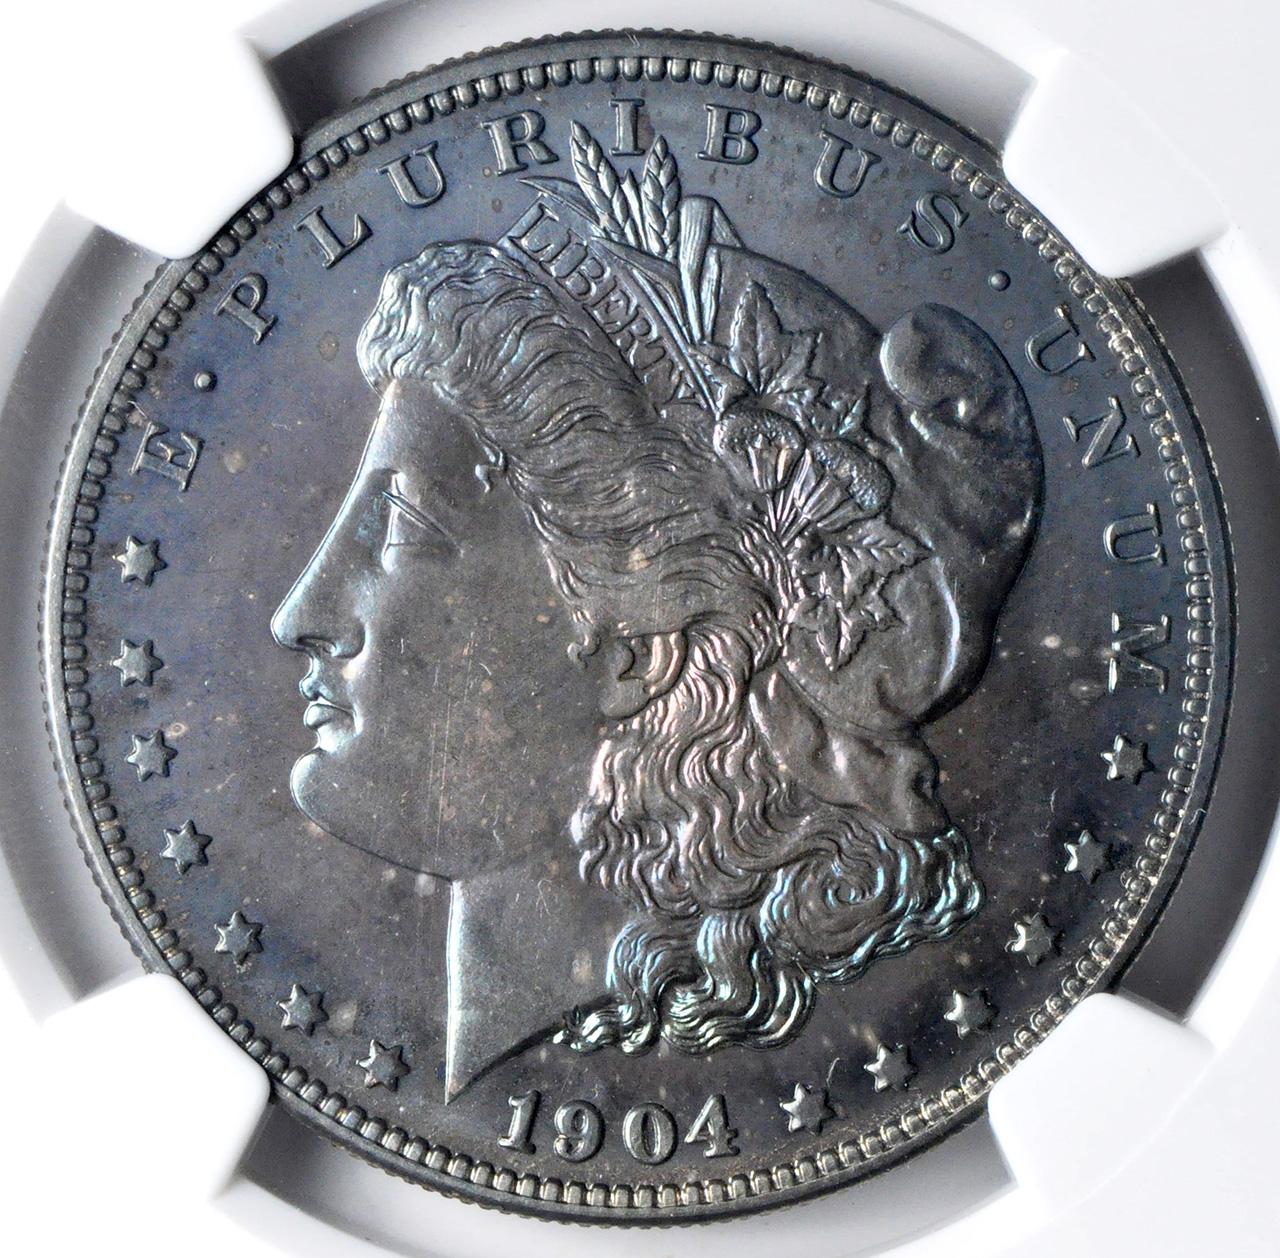 アンティークコイン アメリカ 1ドル モルガン銀貨1904  S$1 NGC PF67